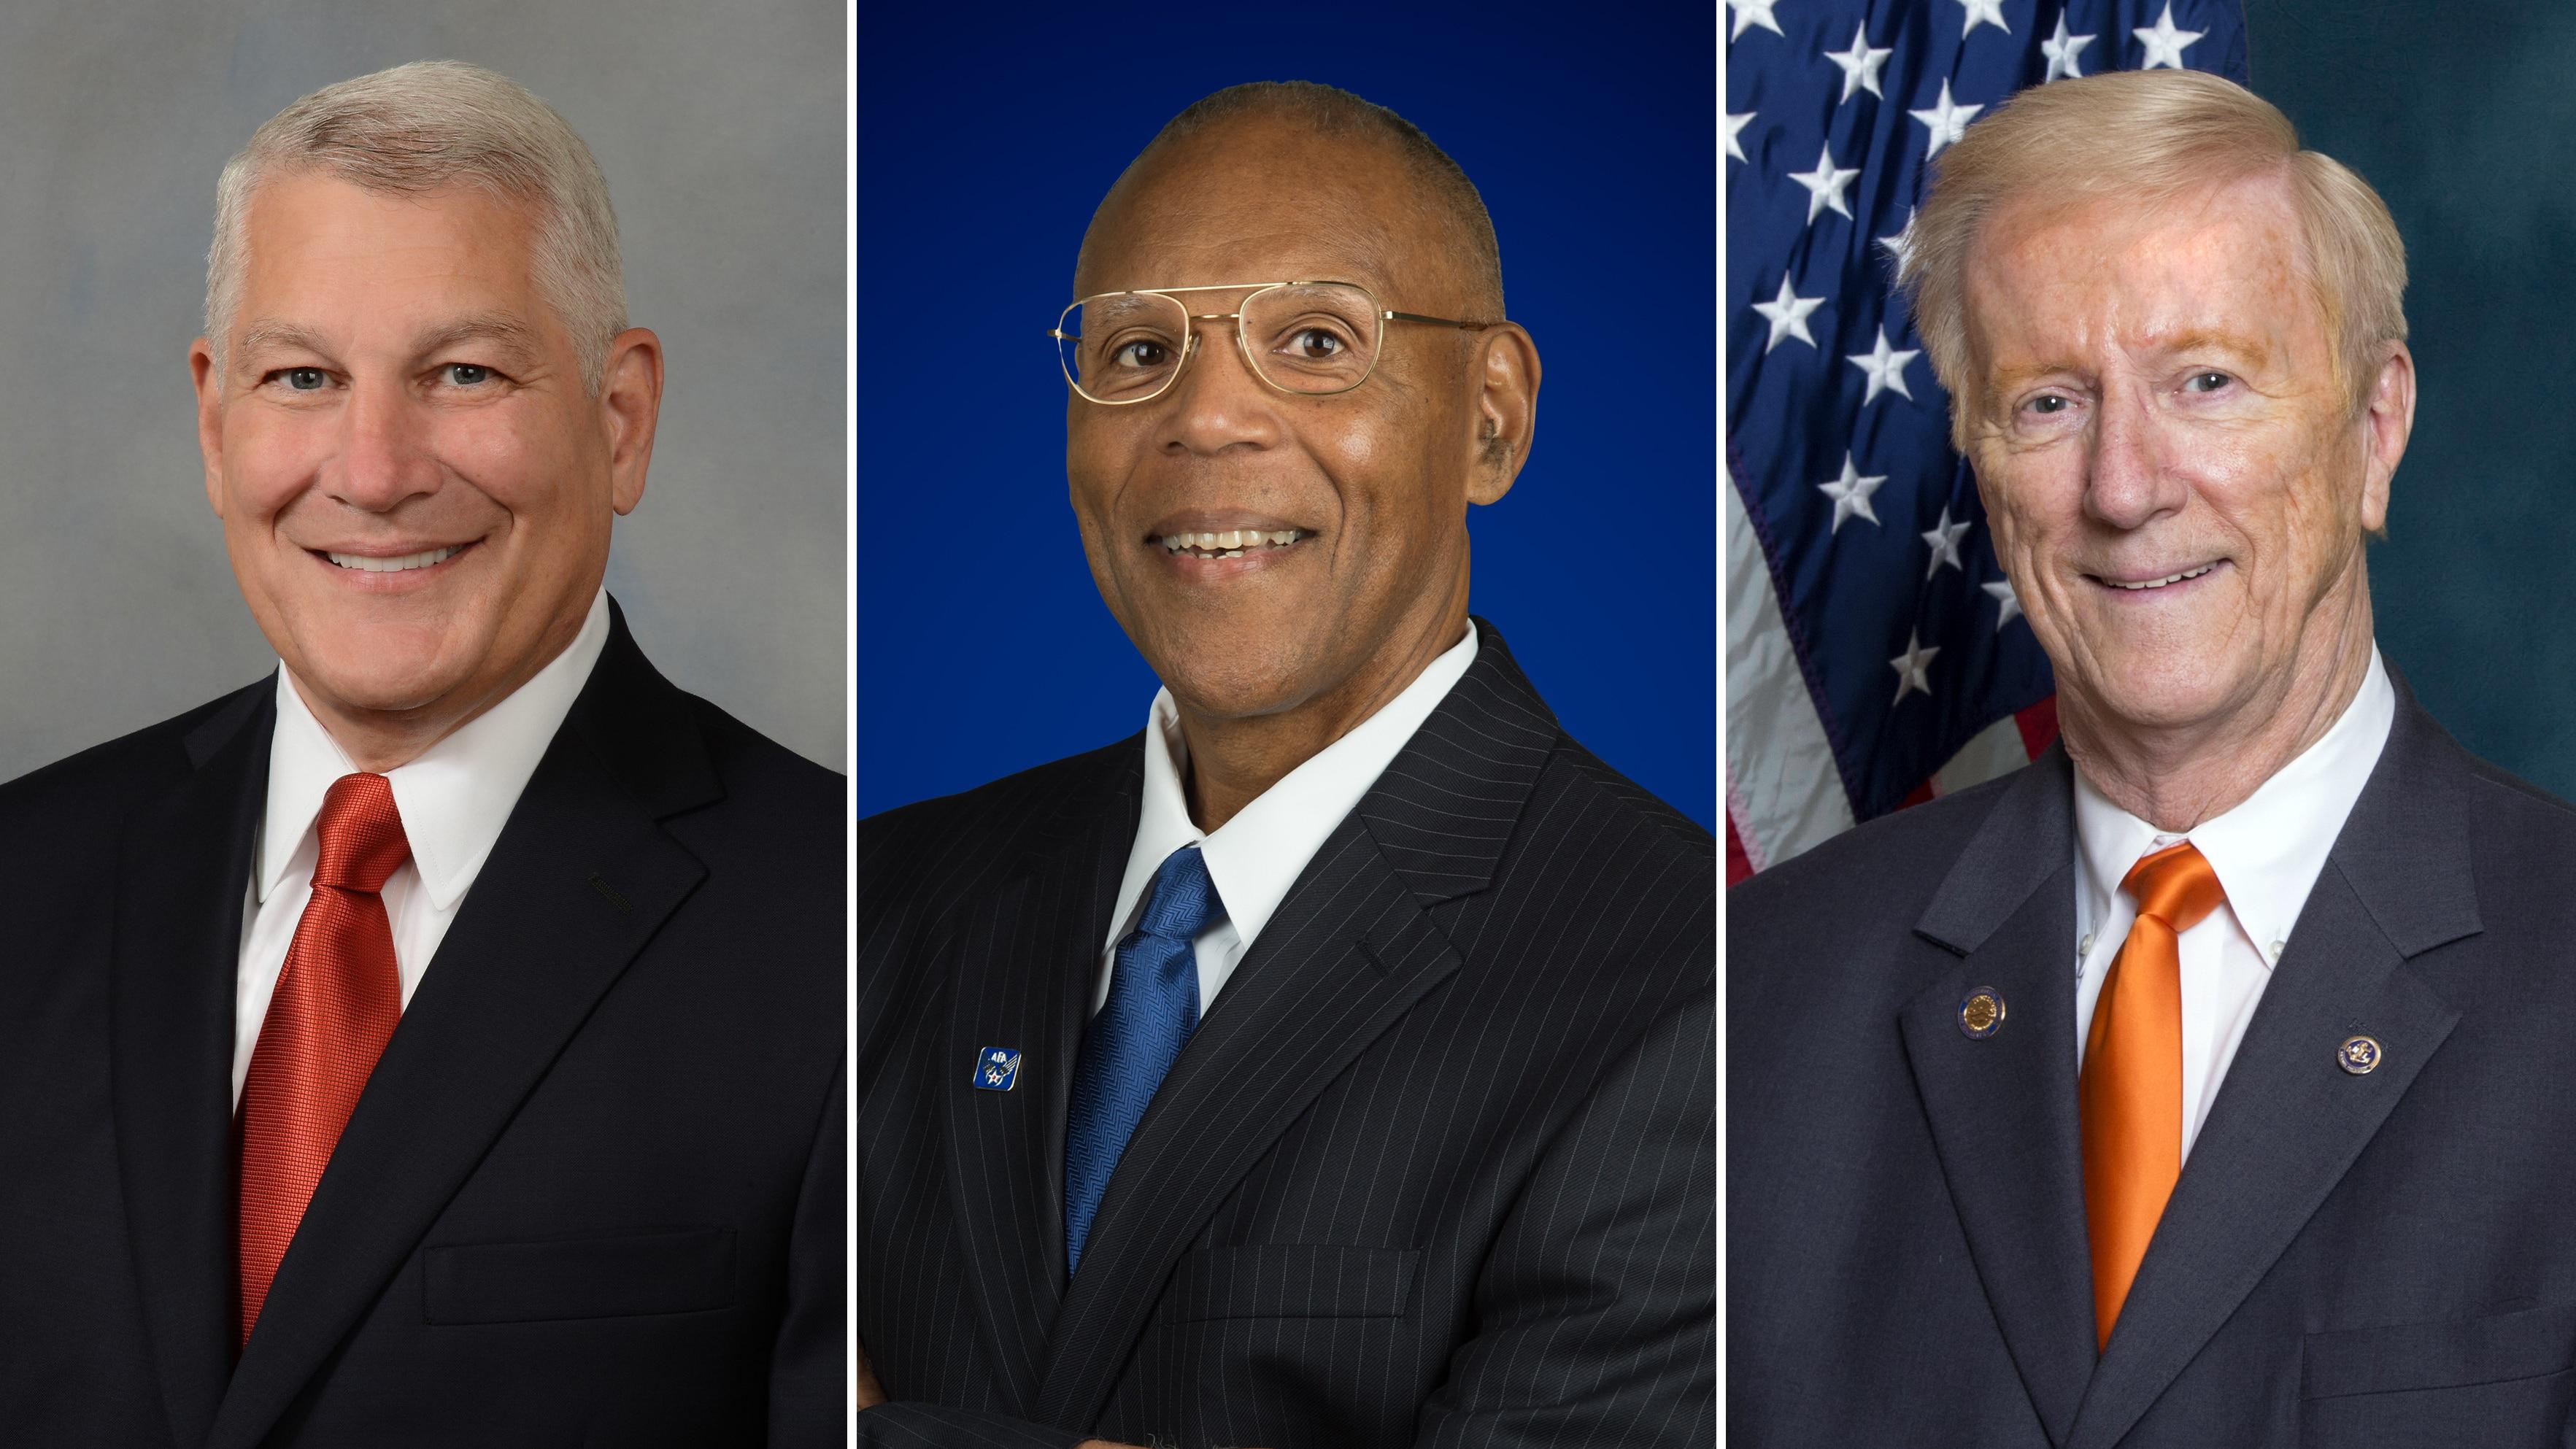 Association chiefs